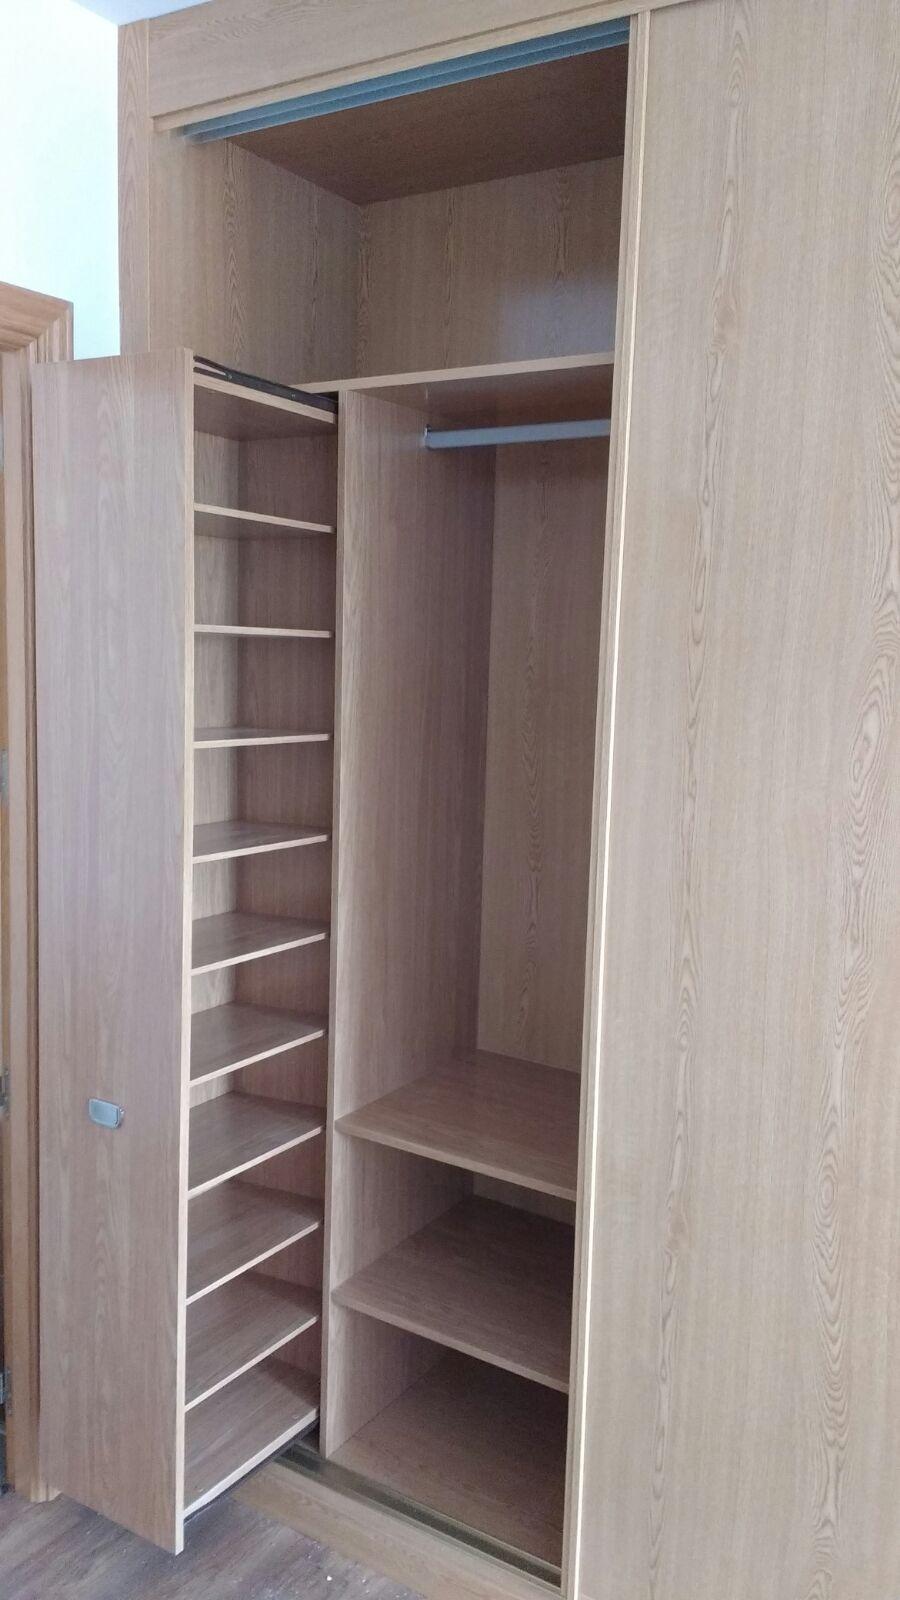 Zapatero en armario empotrado affordable armarios - Armario con zapatero ...